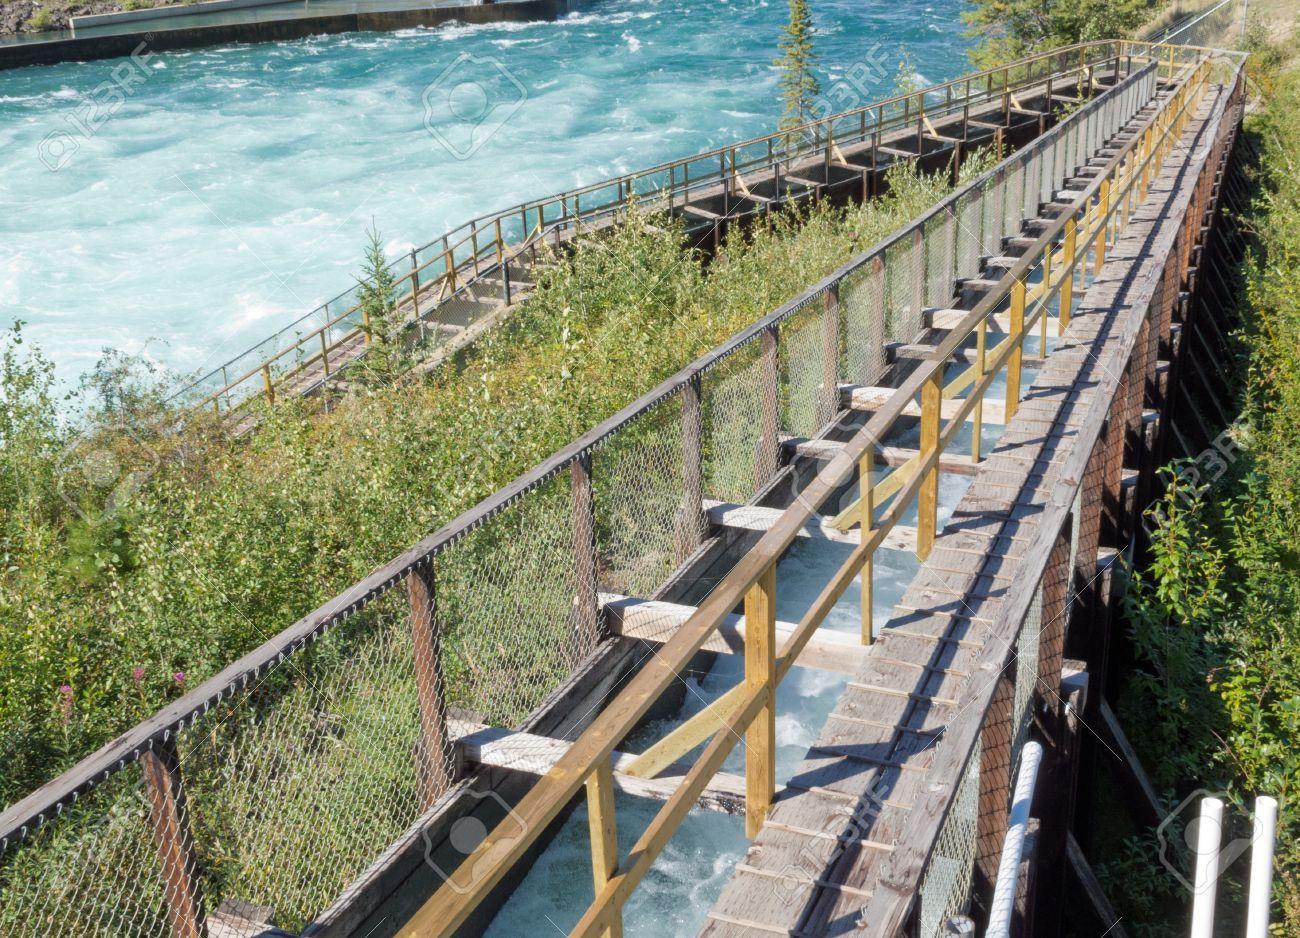 Whitehorse Escalera Para Peces, Escala De Peces De Madera Más Largo ...